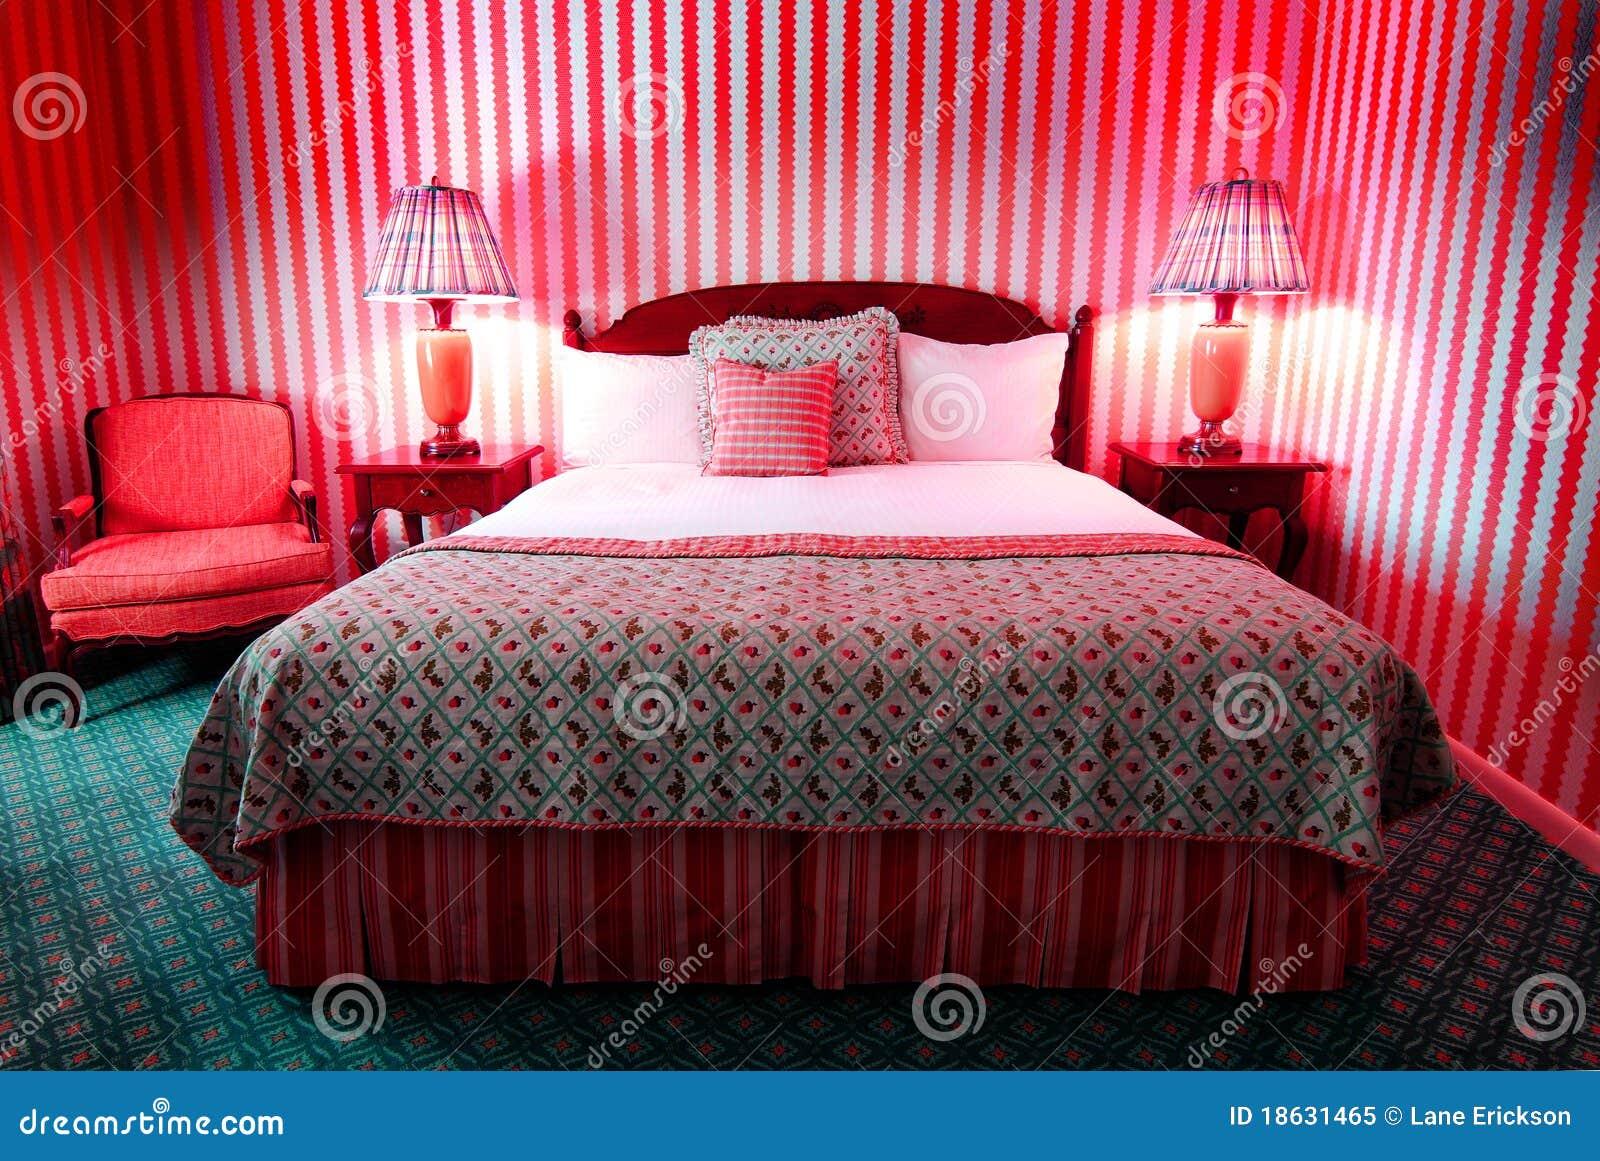 Wildes rotes Schlafzimmer stockbild. Bild von original - 18631465